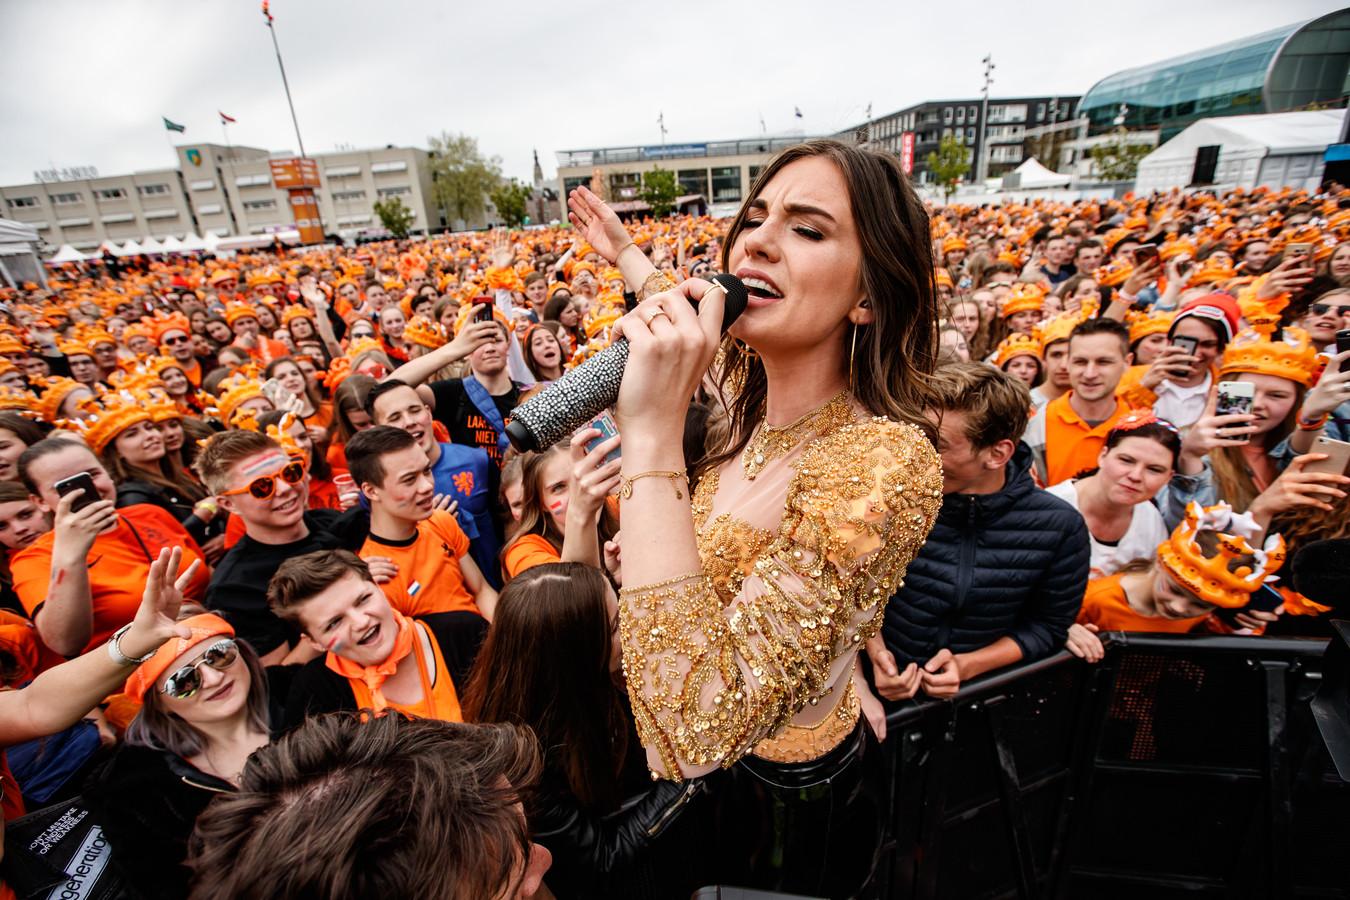 Maan tijdens een optreden van 538 Koningsdag vorig jaar in Breda.